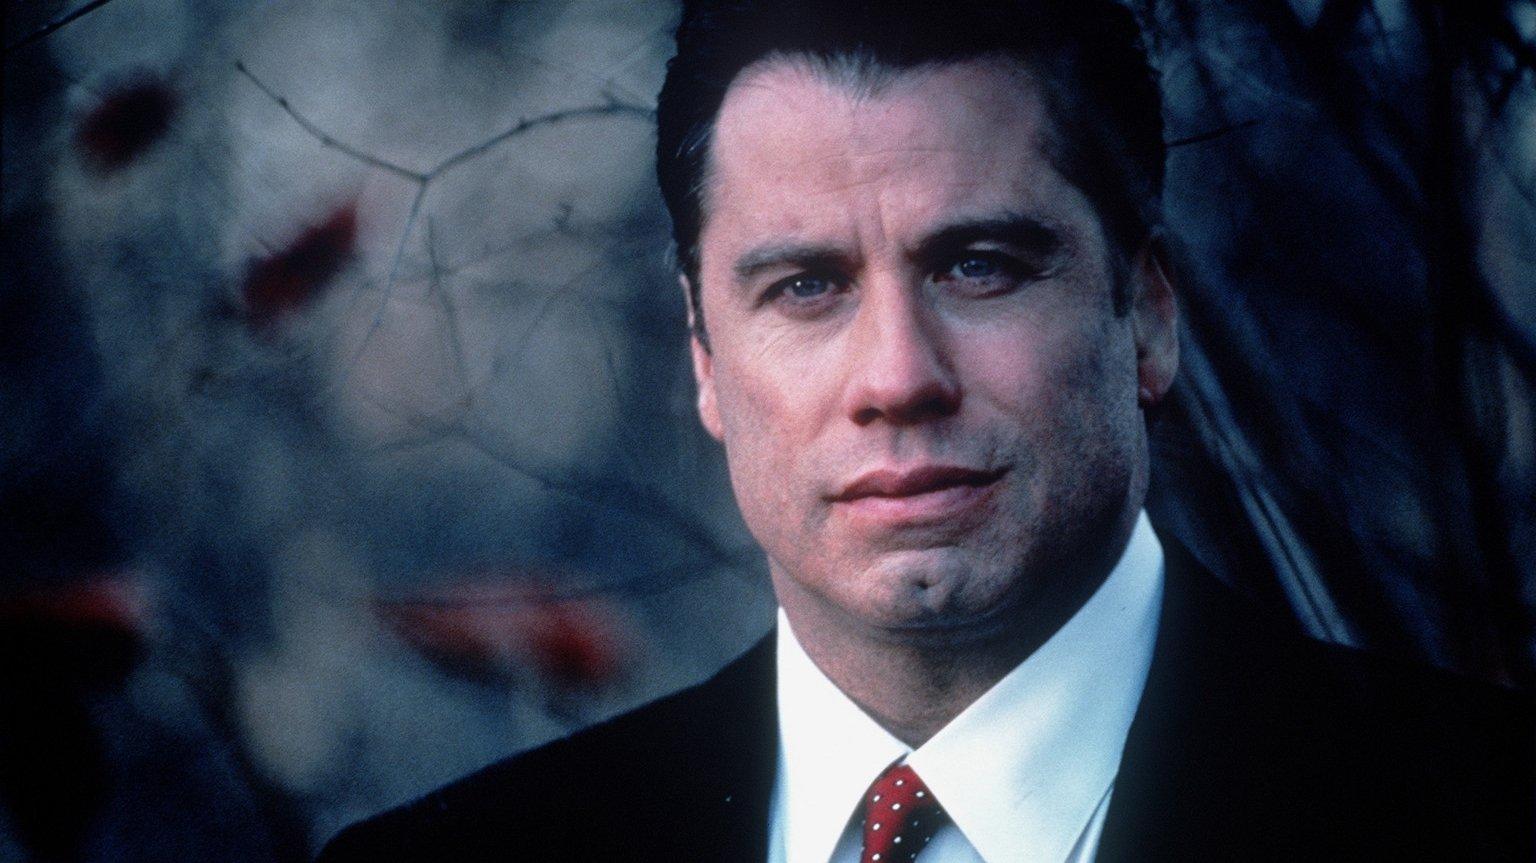 11. Jan Schlichtmann (Acción civil). Interpretado por Jhon Travolta.